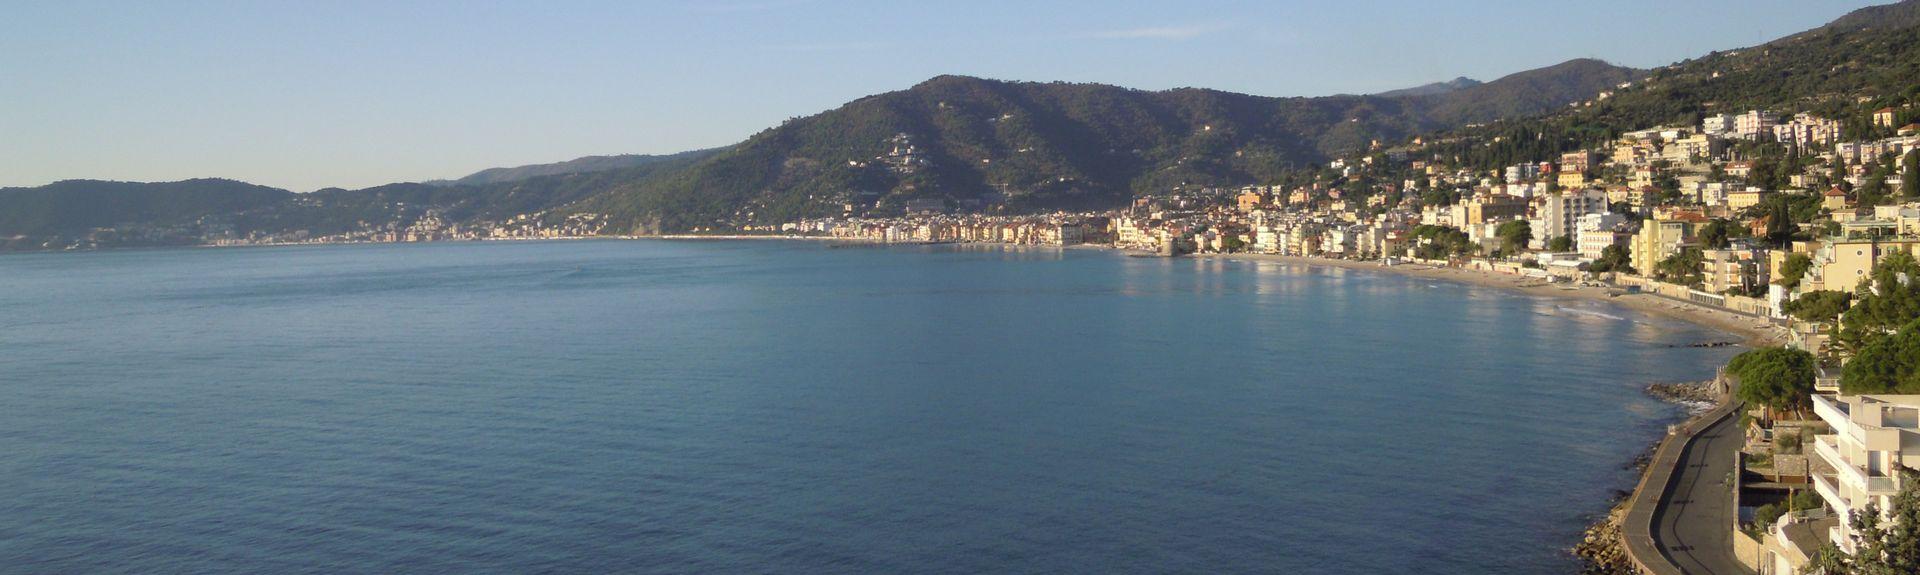 Salea, Albenga, Ligurie, Italie